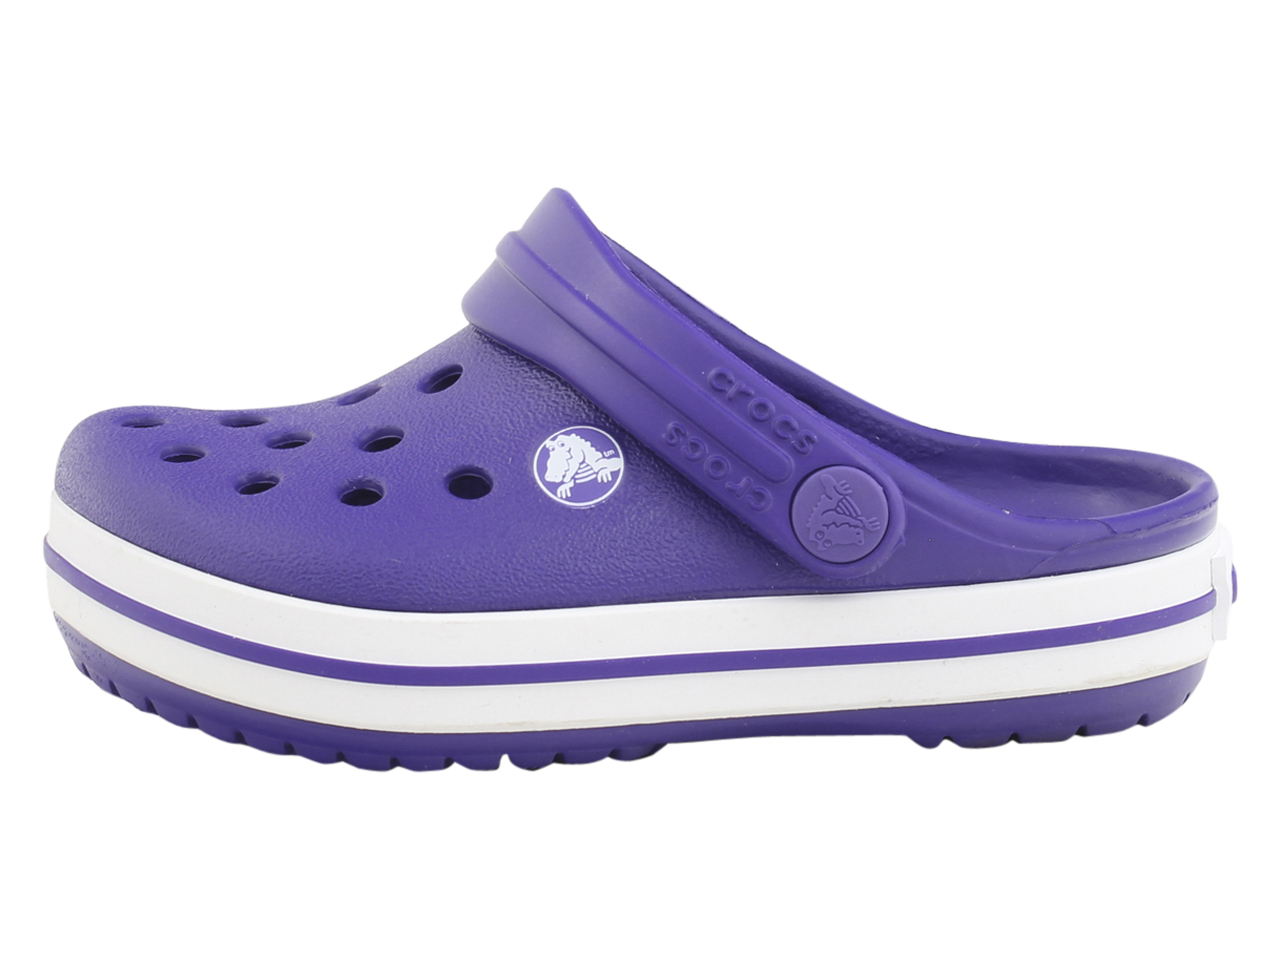 Crocs-Little-Kid-039-s-Crocband-Clogs-Sandals-Shoes thumbnail 17